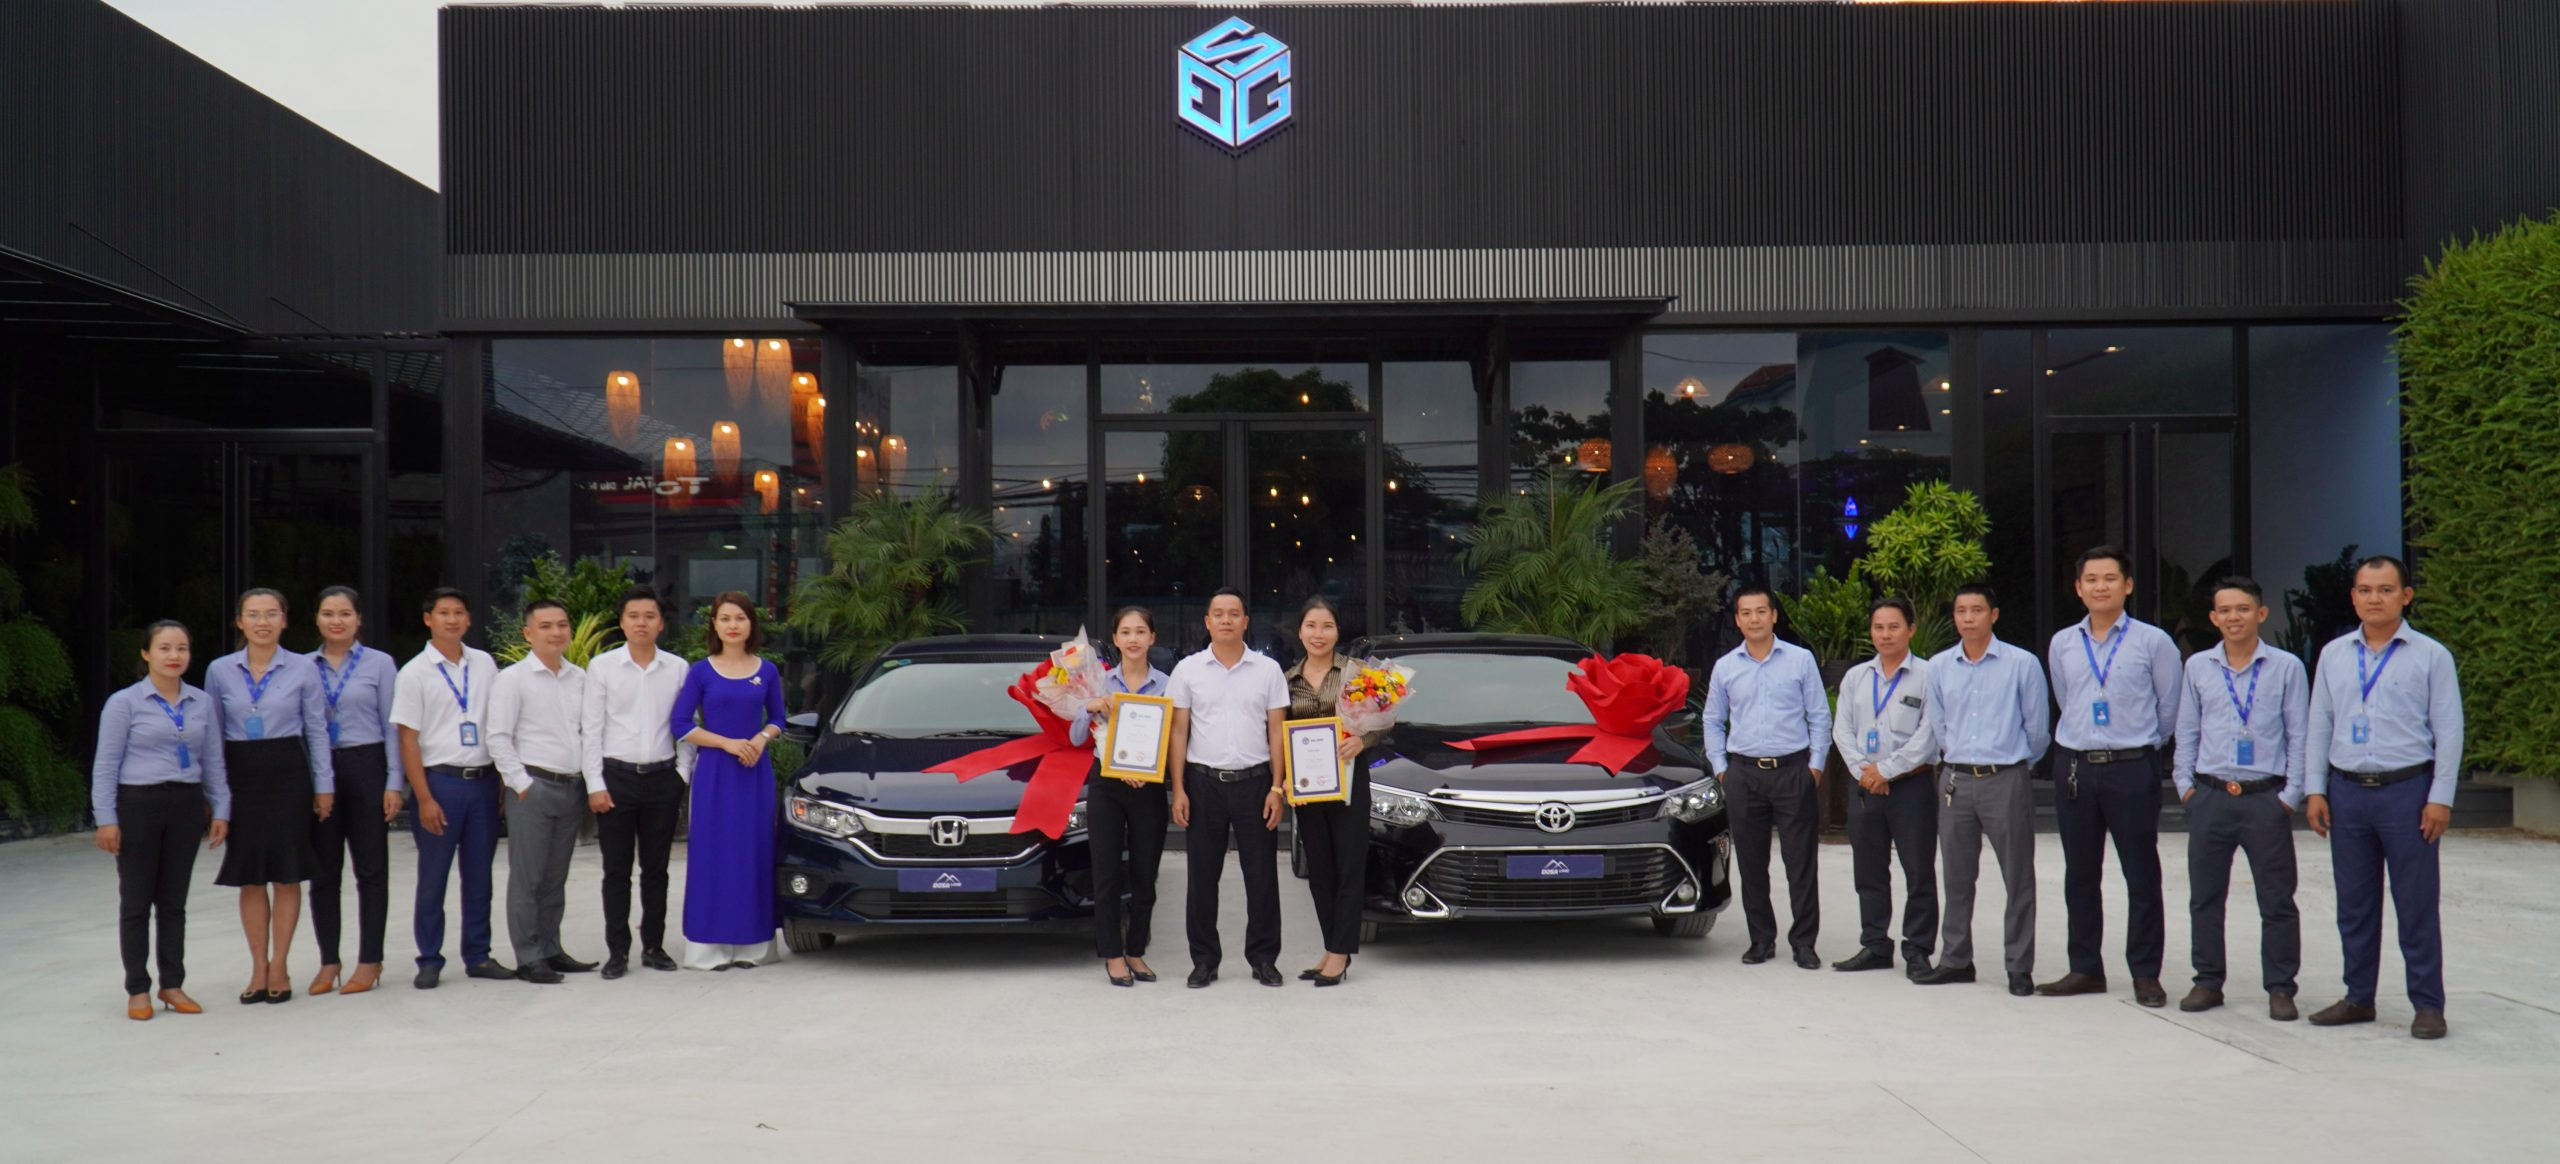 DOSA Group khen thưởng, bàn giao xe hơi